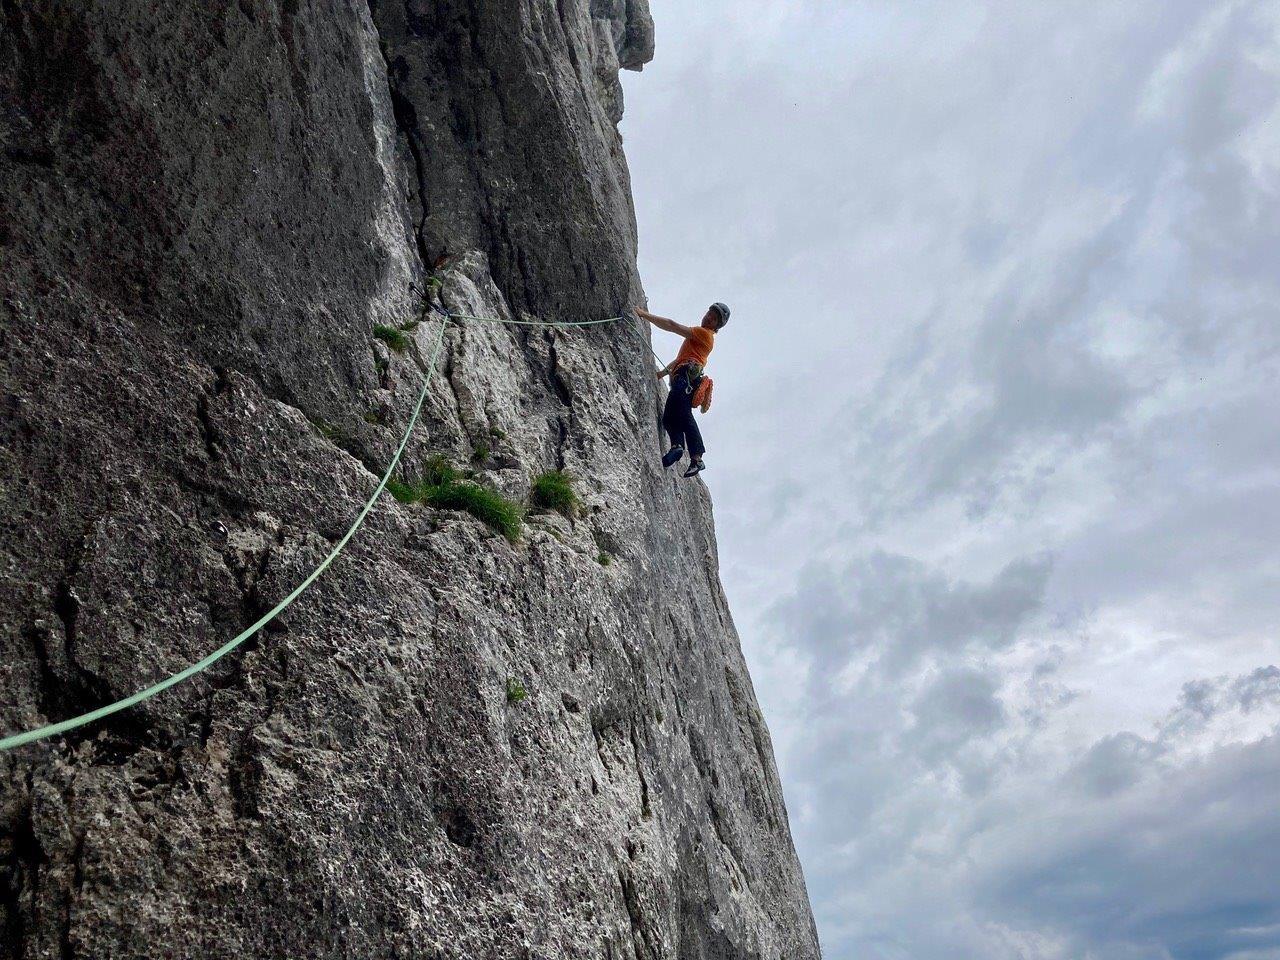 ka_pzs_tabori_perspektivci_berchtesgaden_2020_arhiv_ka__2_